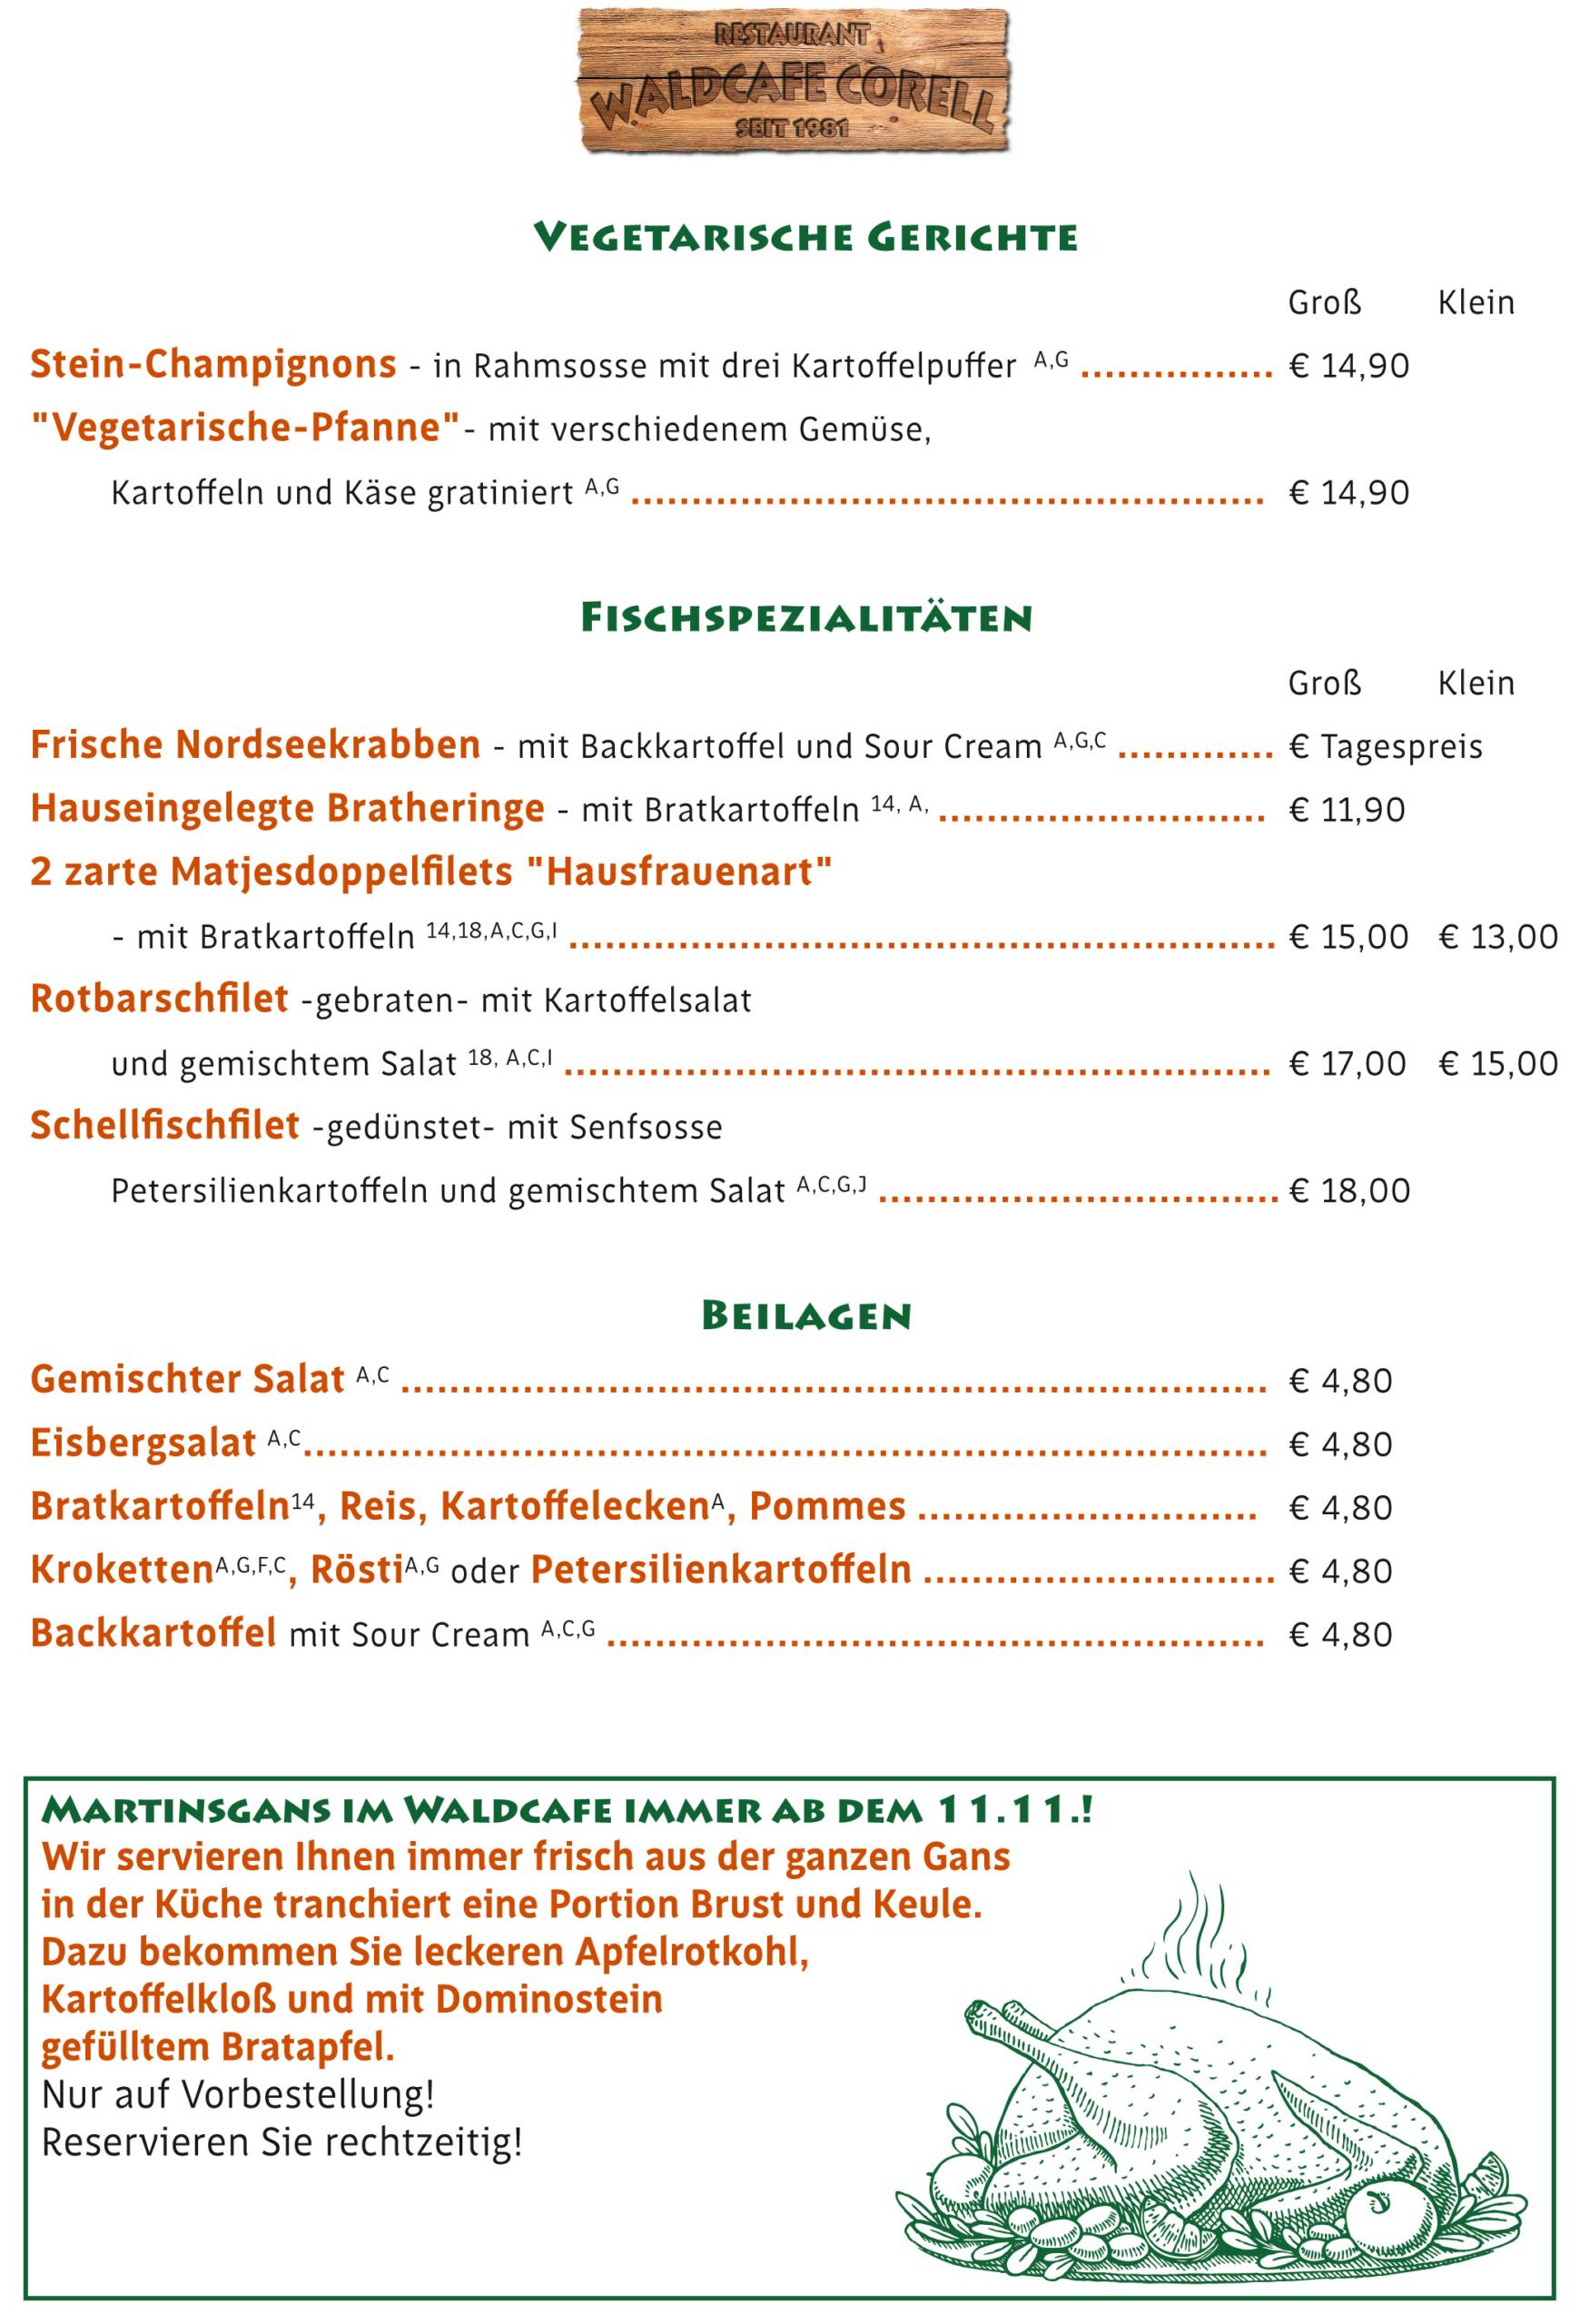 Waldcafe Corell, Speisekarte, vegetarische Gerichte, Fisch, Beilagen